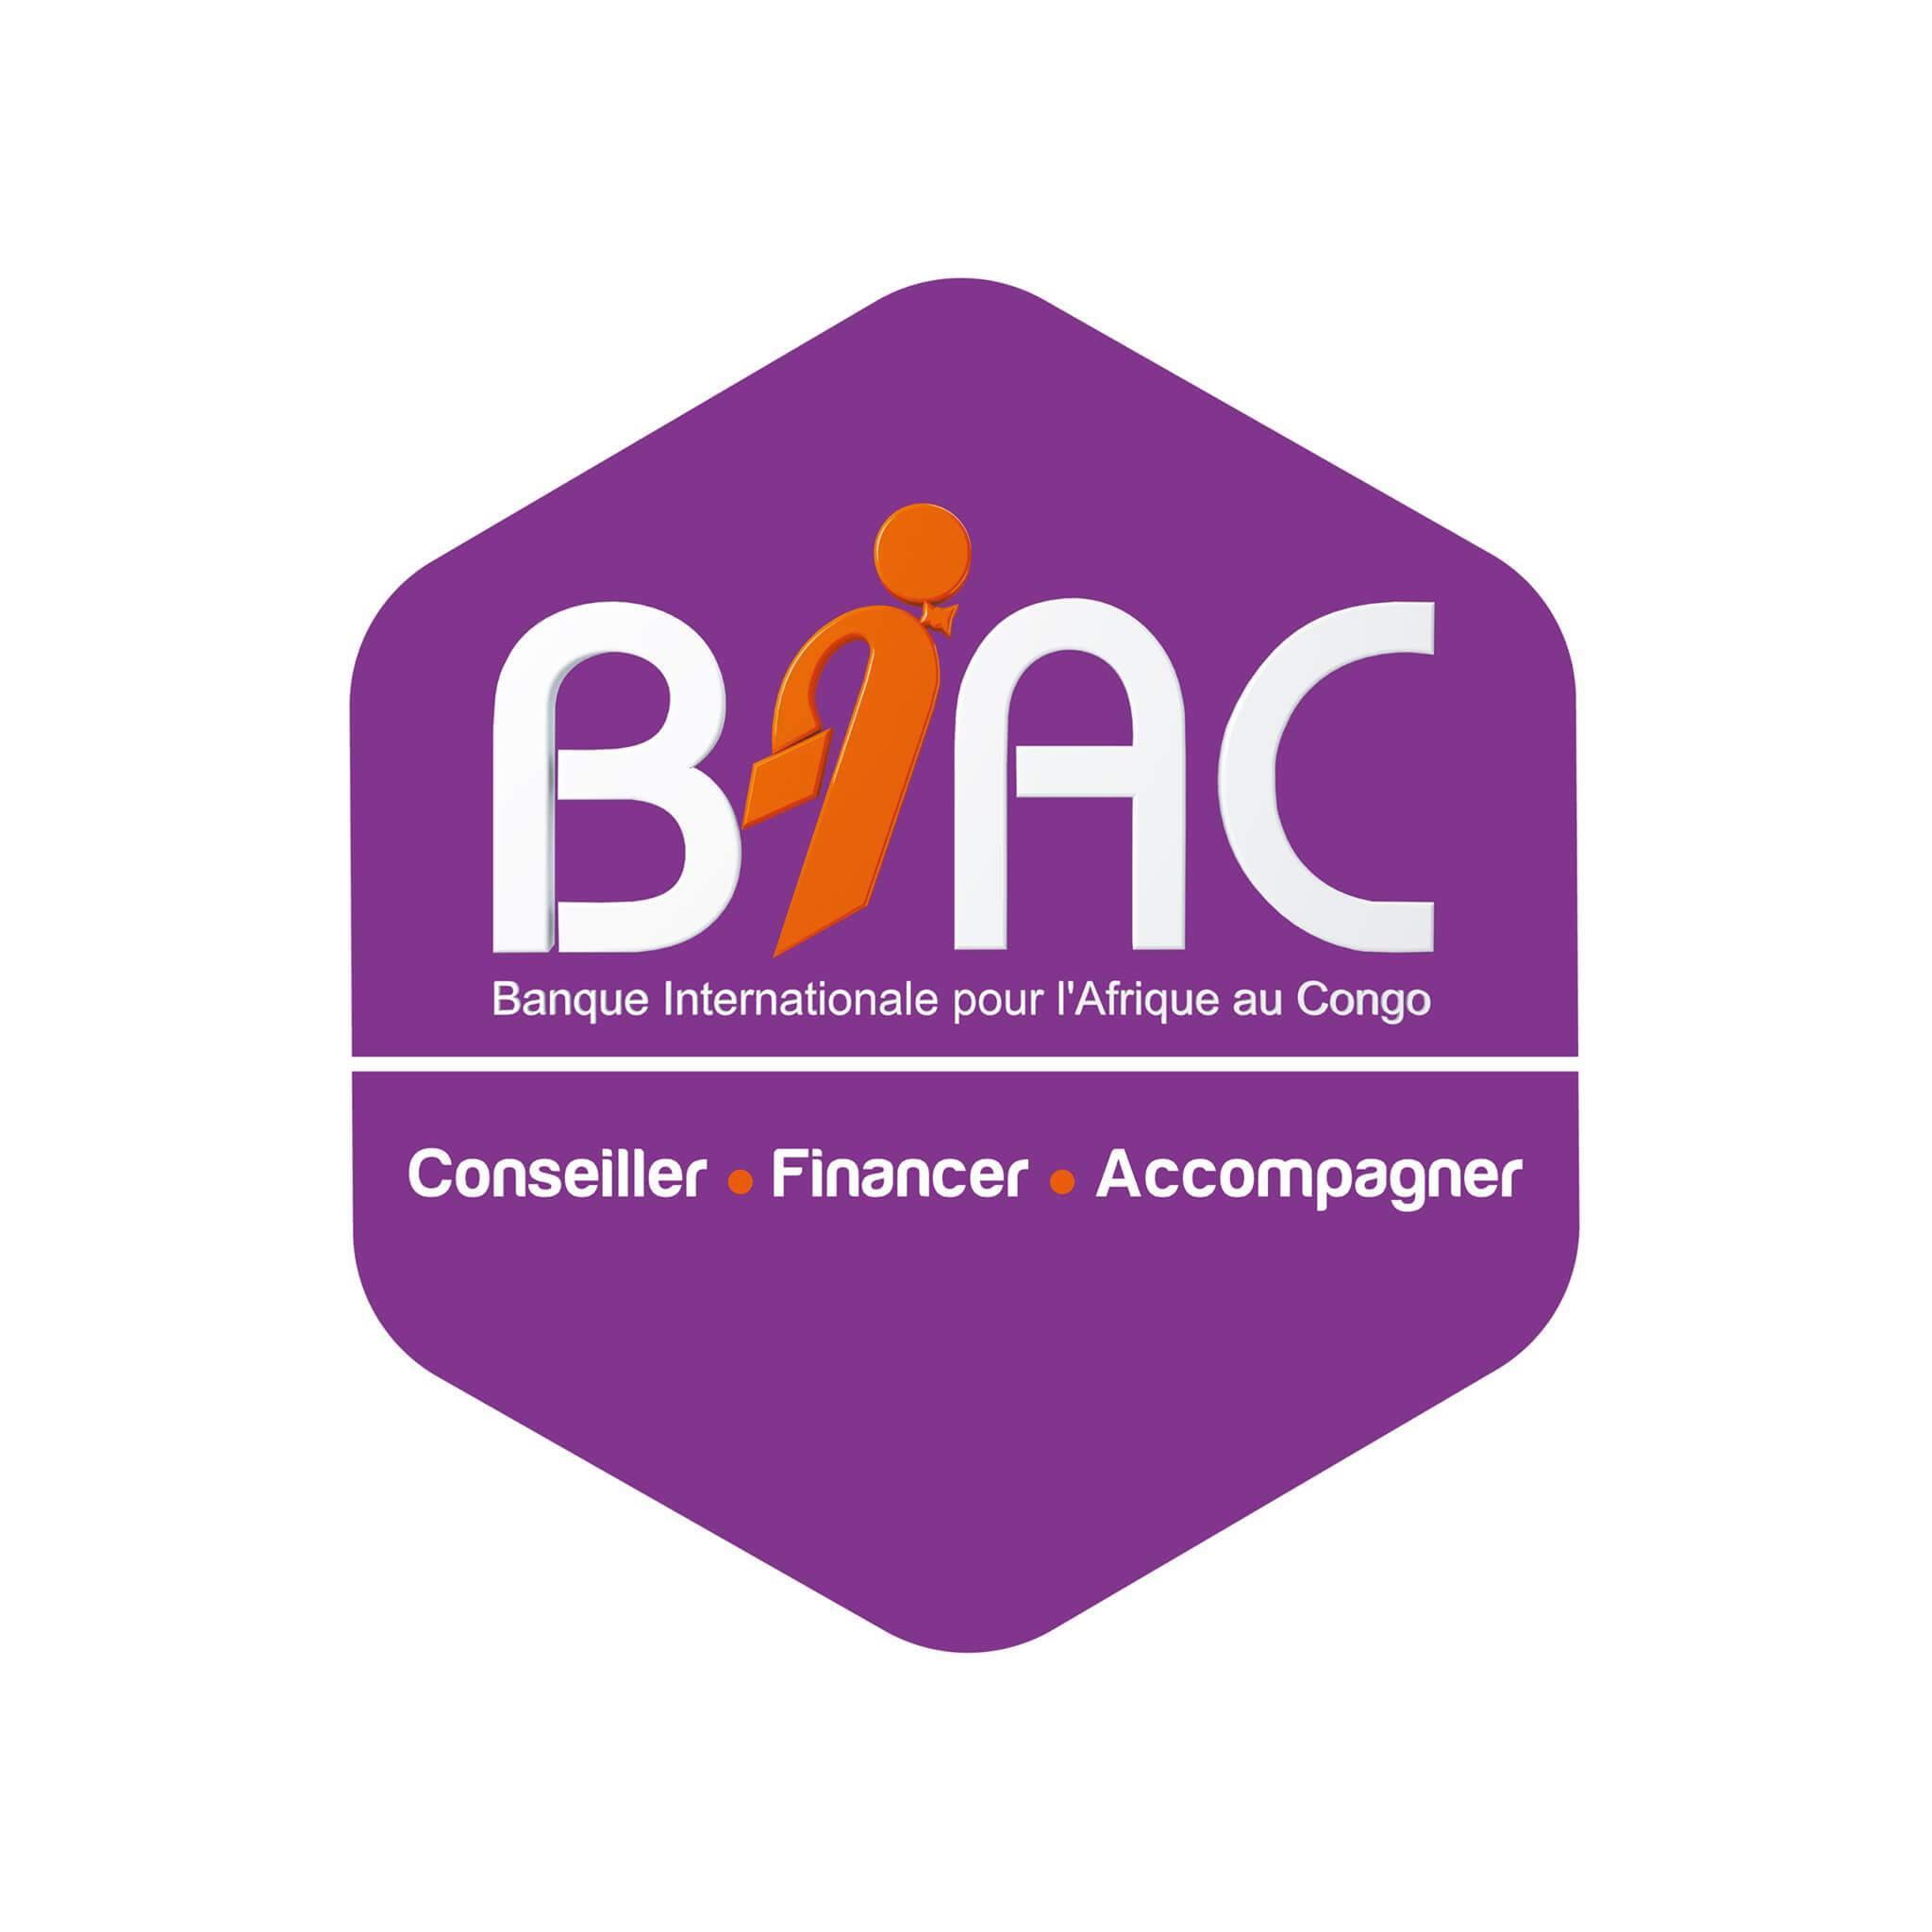 Banque Internationale pour l'Afrique au Congo